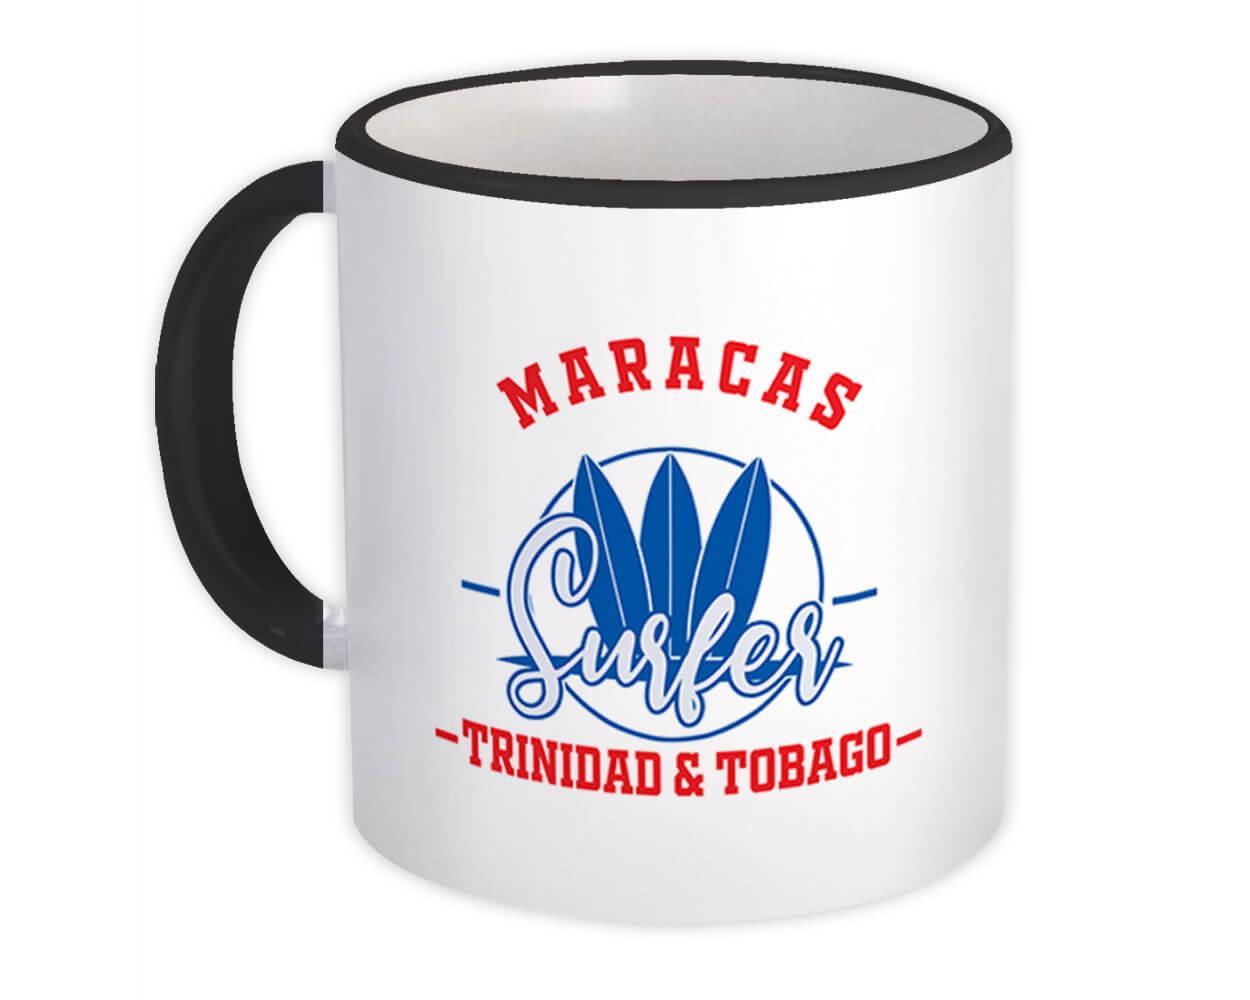 Maracas Trinidad & Tobago : Gift Mug Surfer Tropical Souvenir Travel